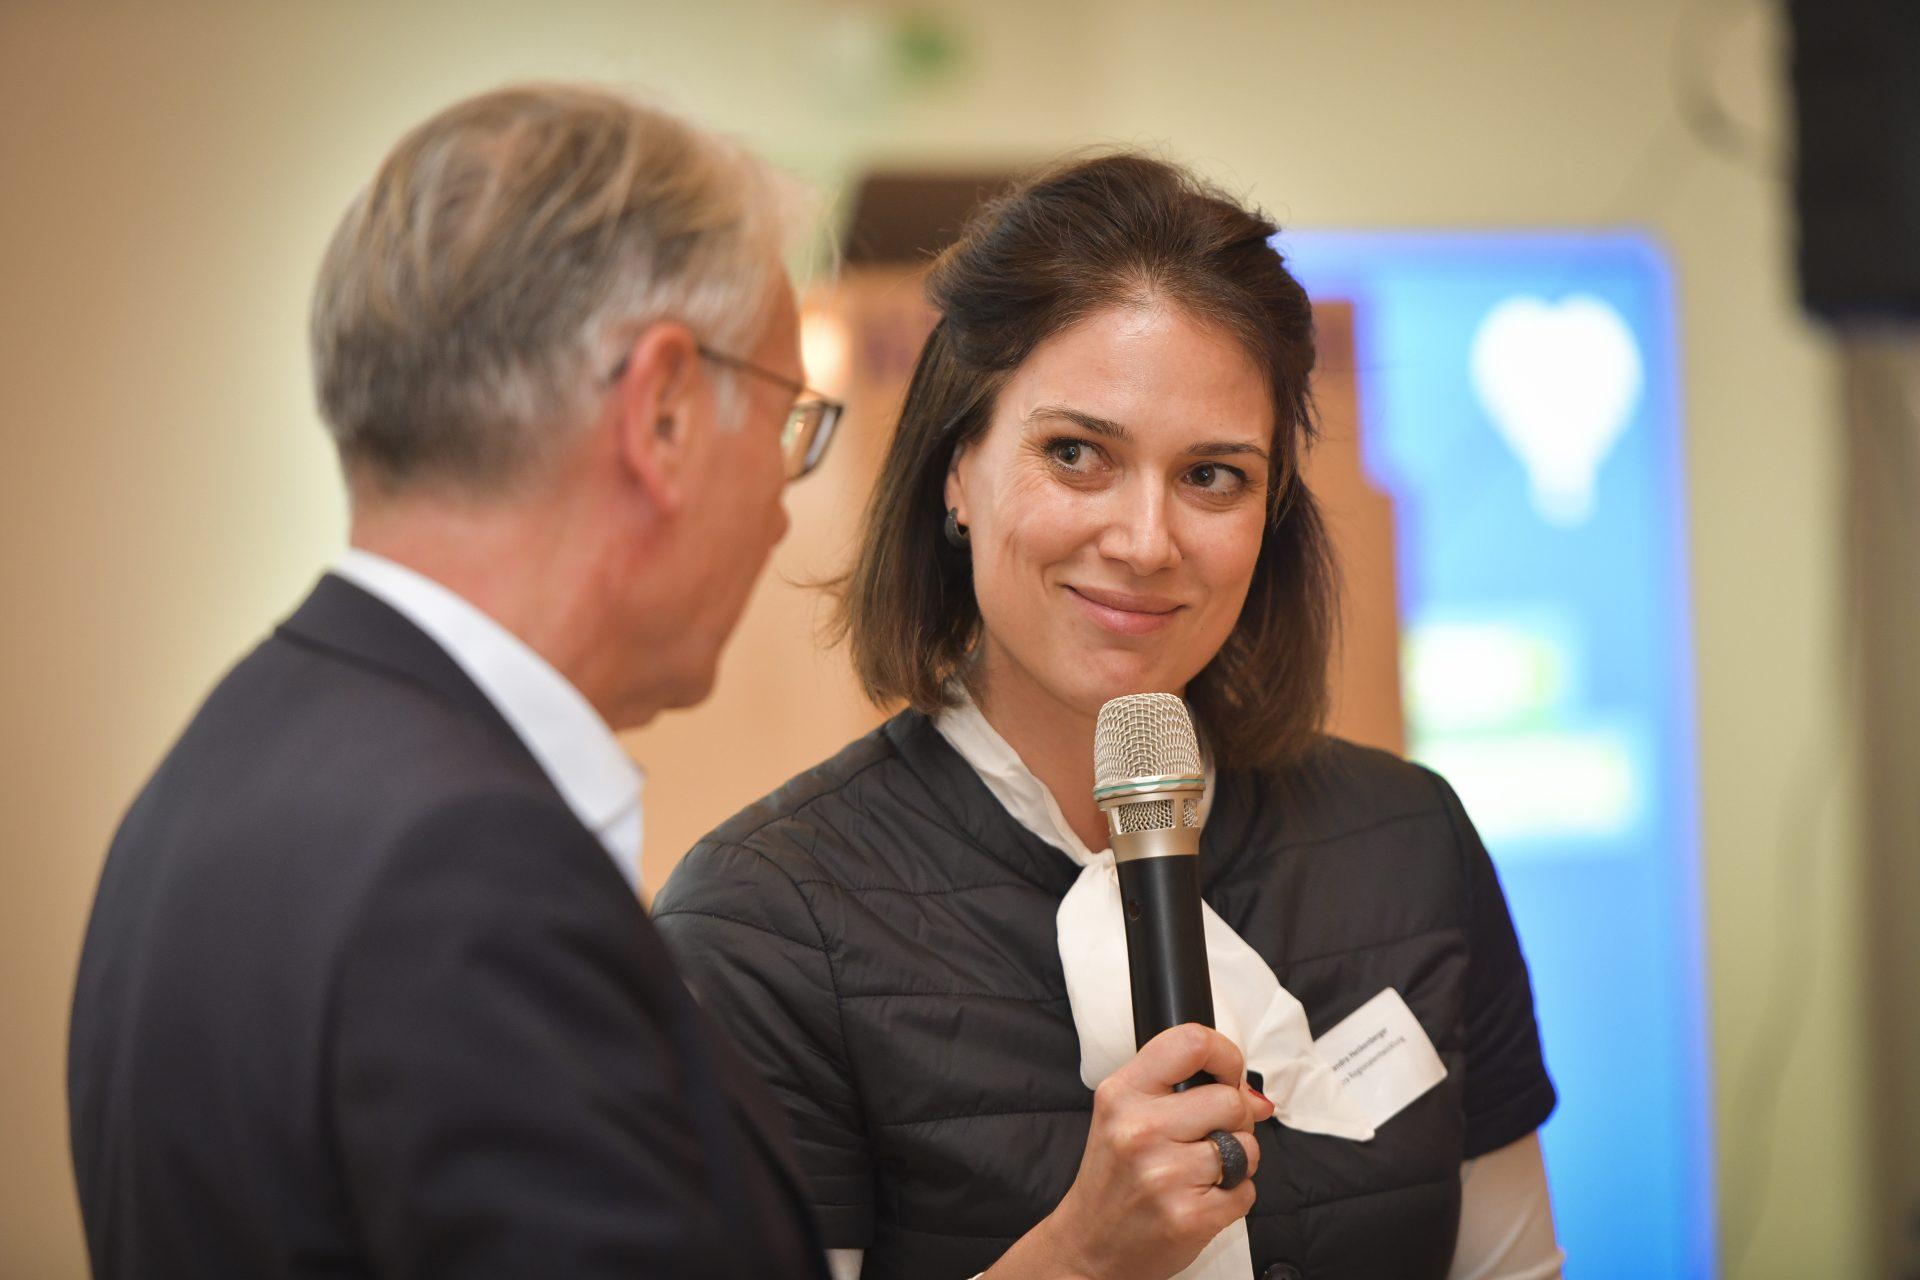 Eine Frau führt vor Publikum ein Interview mit einem Mann.